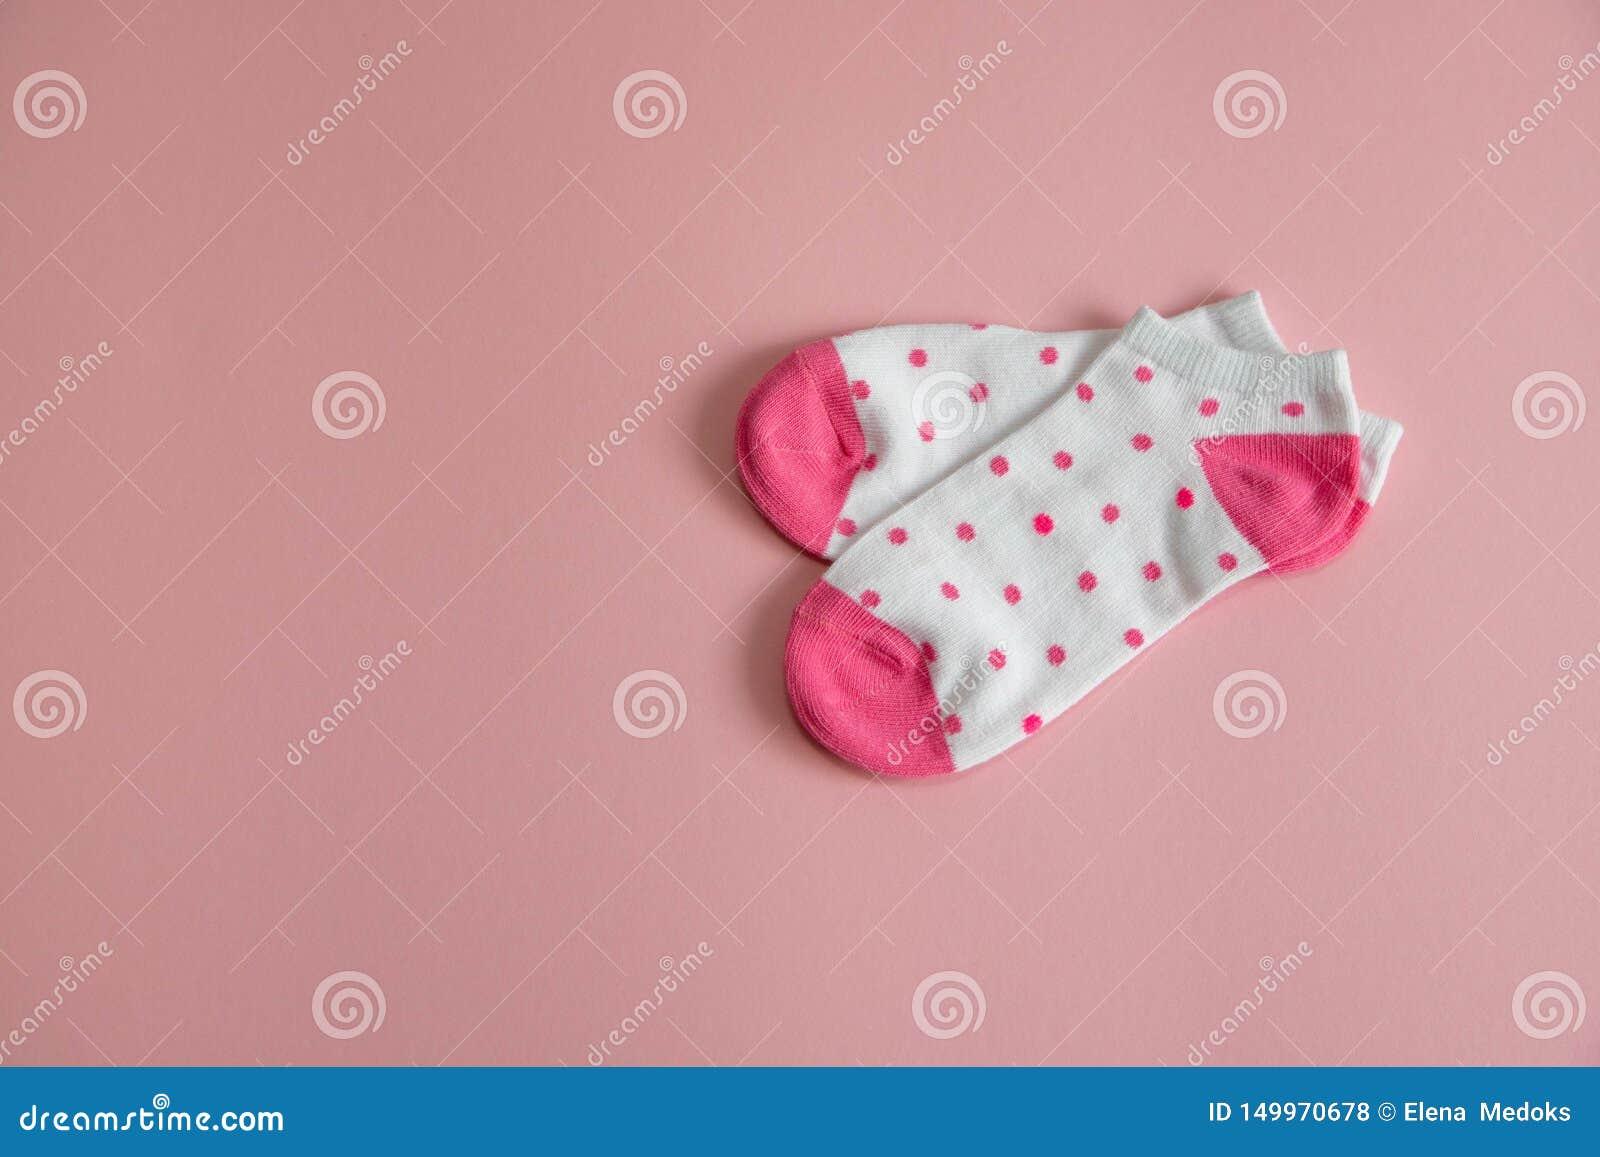 Ett par av vita sockor för barn med rosa sockor och häl, med rosa prickar, på en rosa bakgrund Sockor för flickor